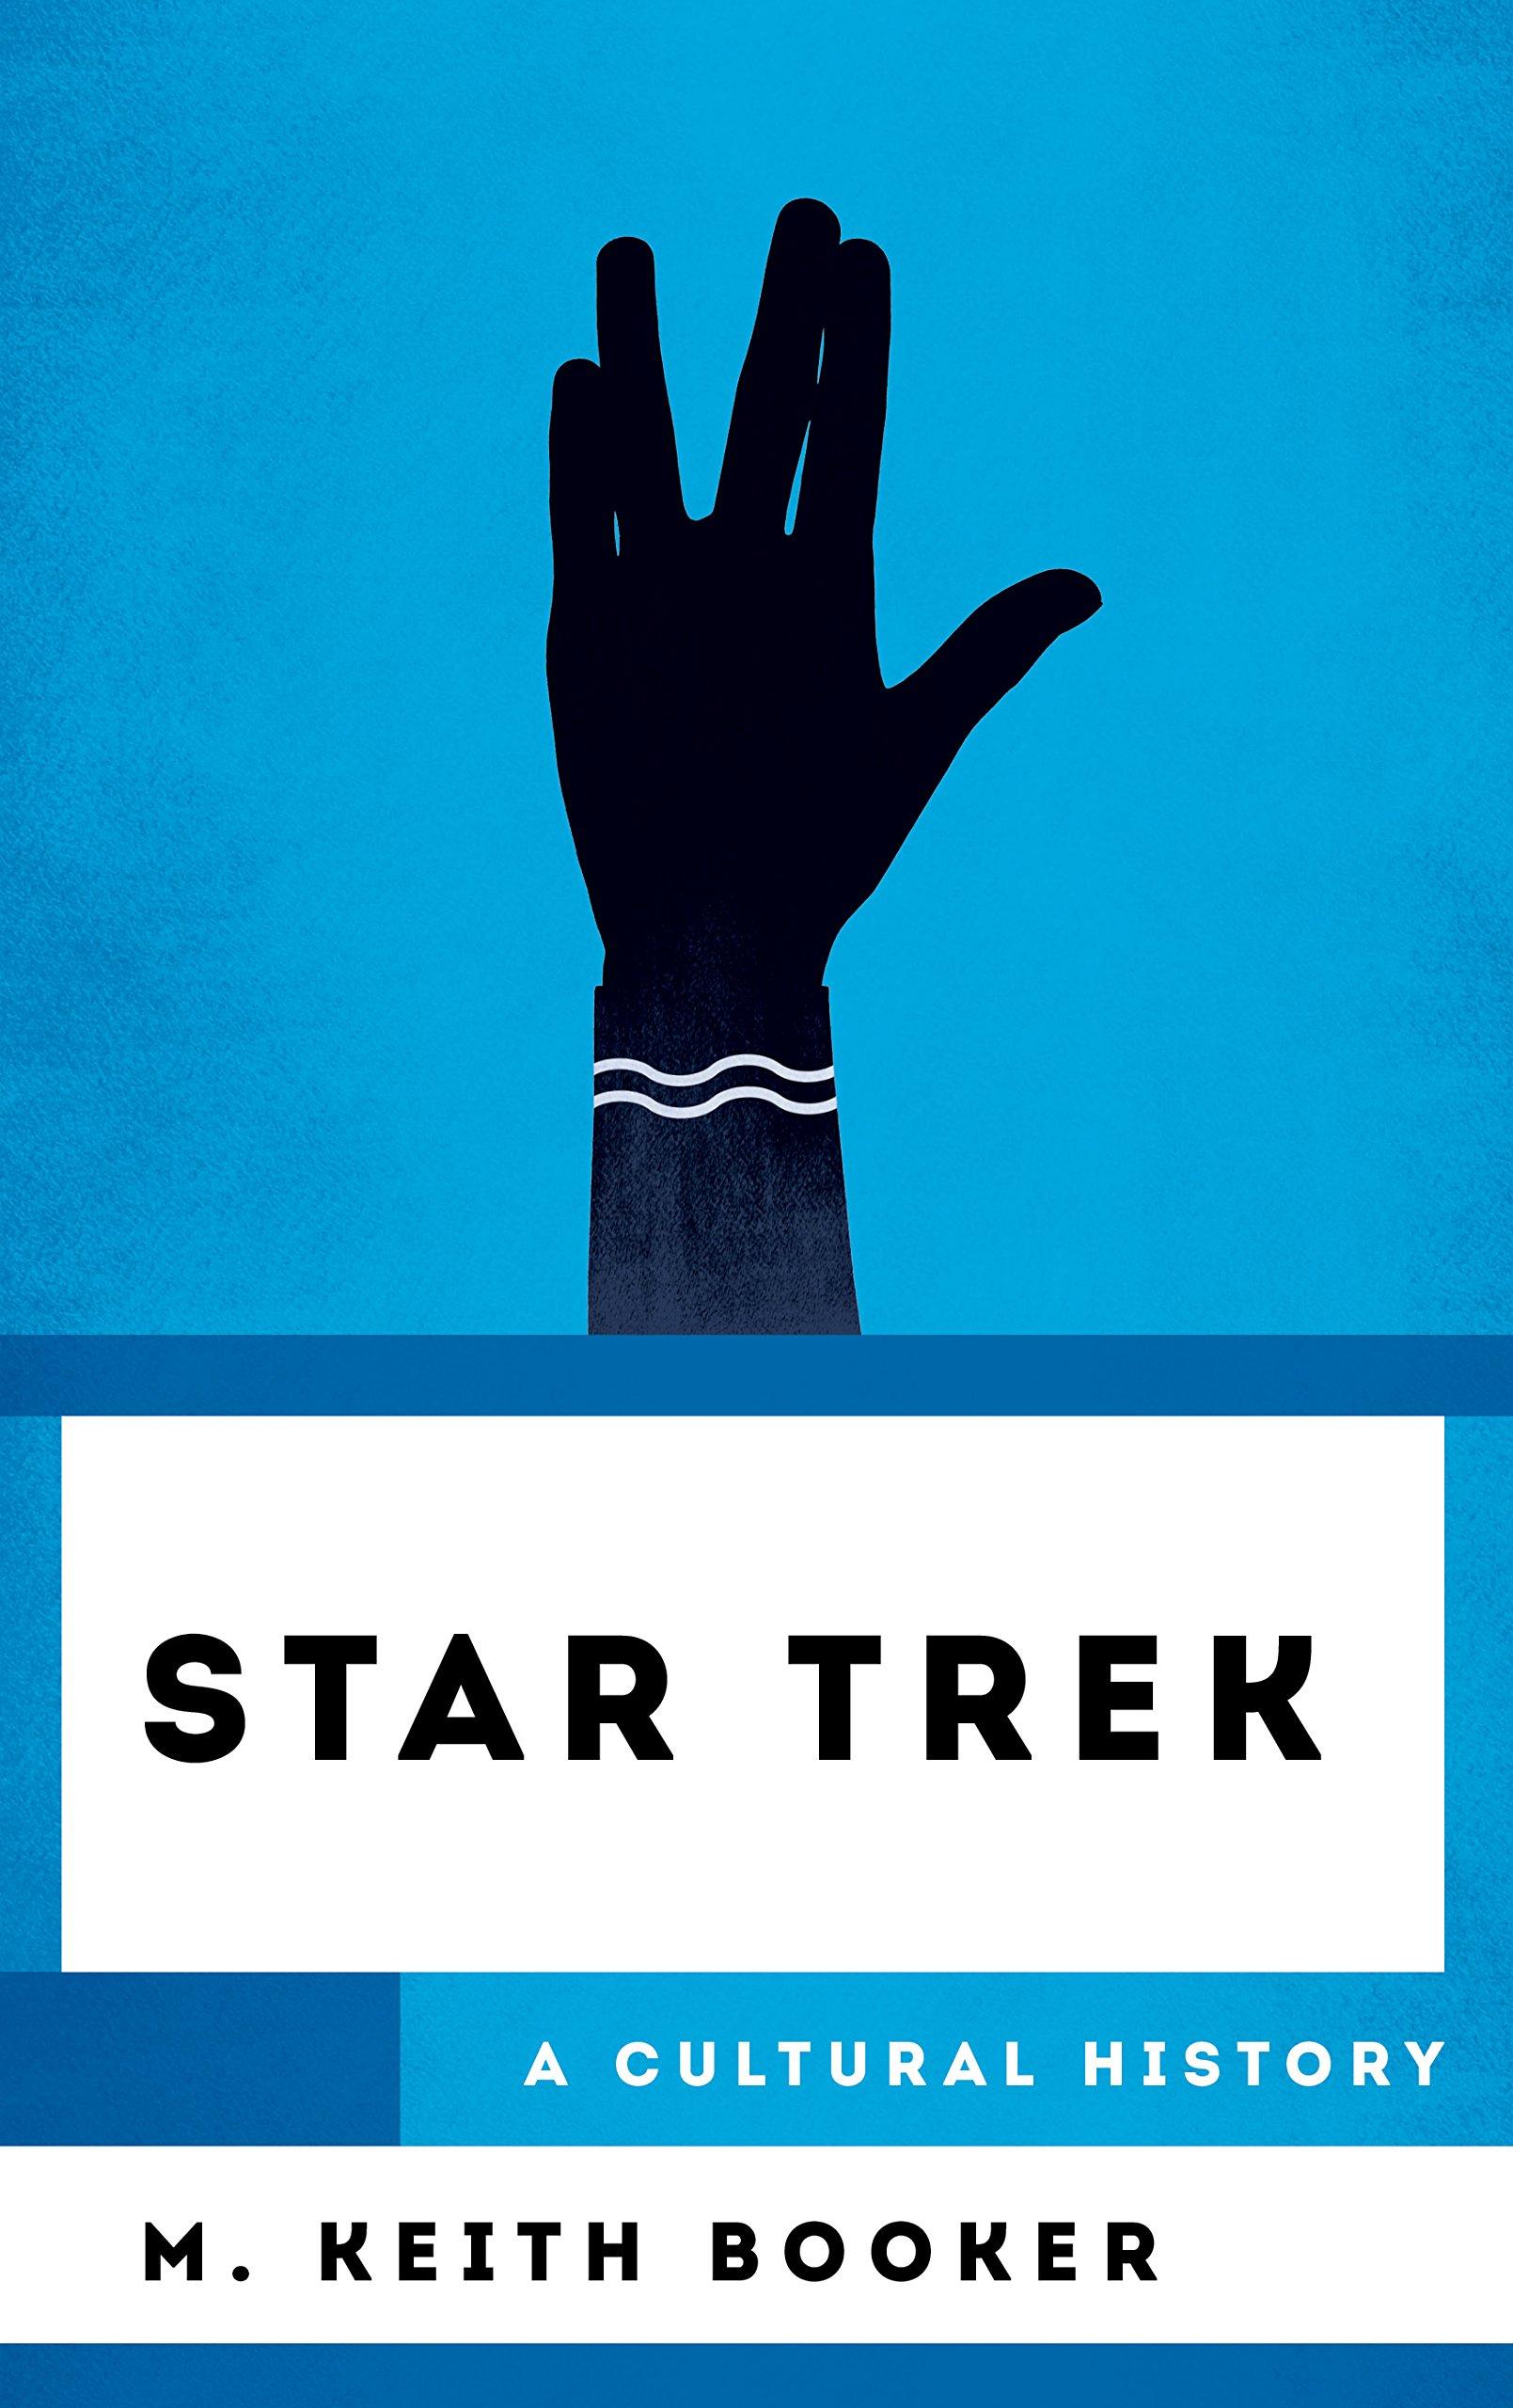 Star Trek: A Cultural History